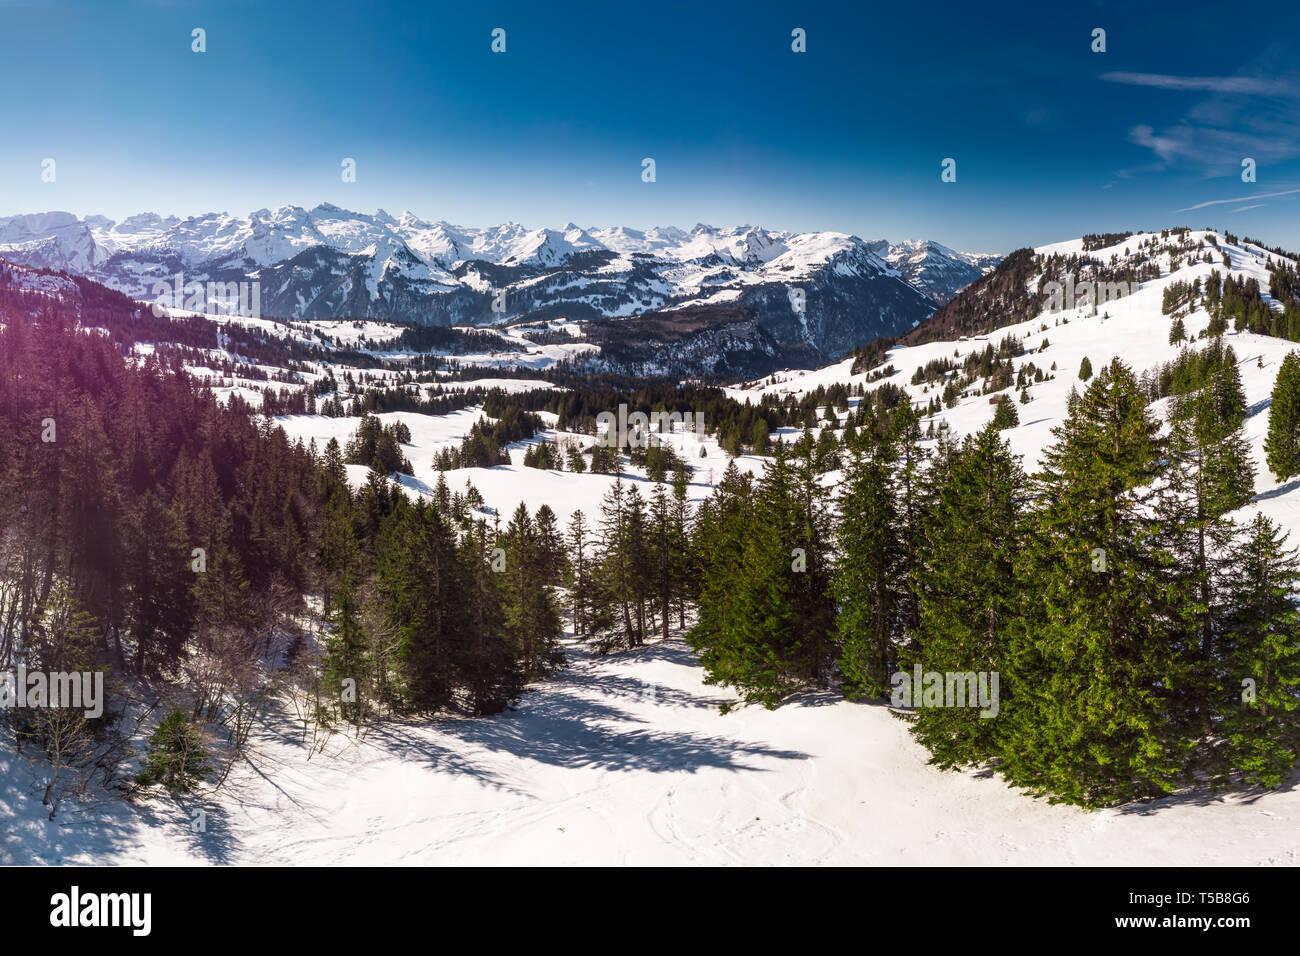 Beautiful winter landscape. People skiing in Mythenregion ski resort, Ibergeregg, Switzerland, Europe. - Stock Image